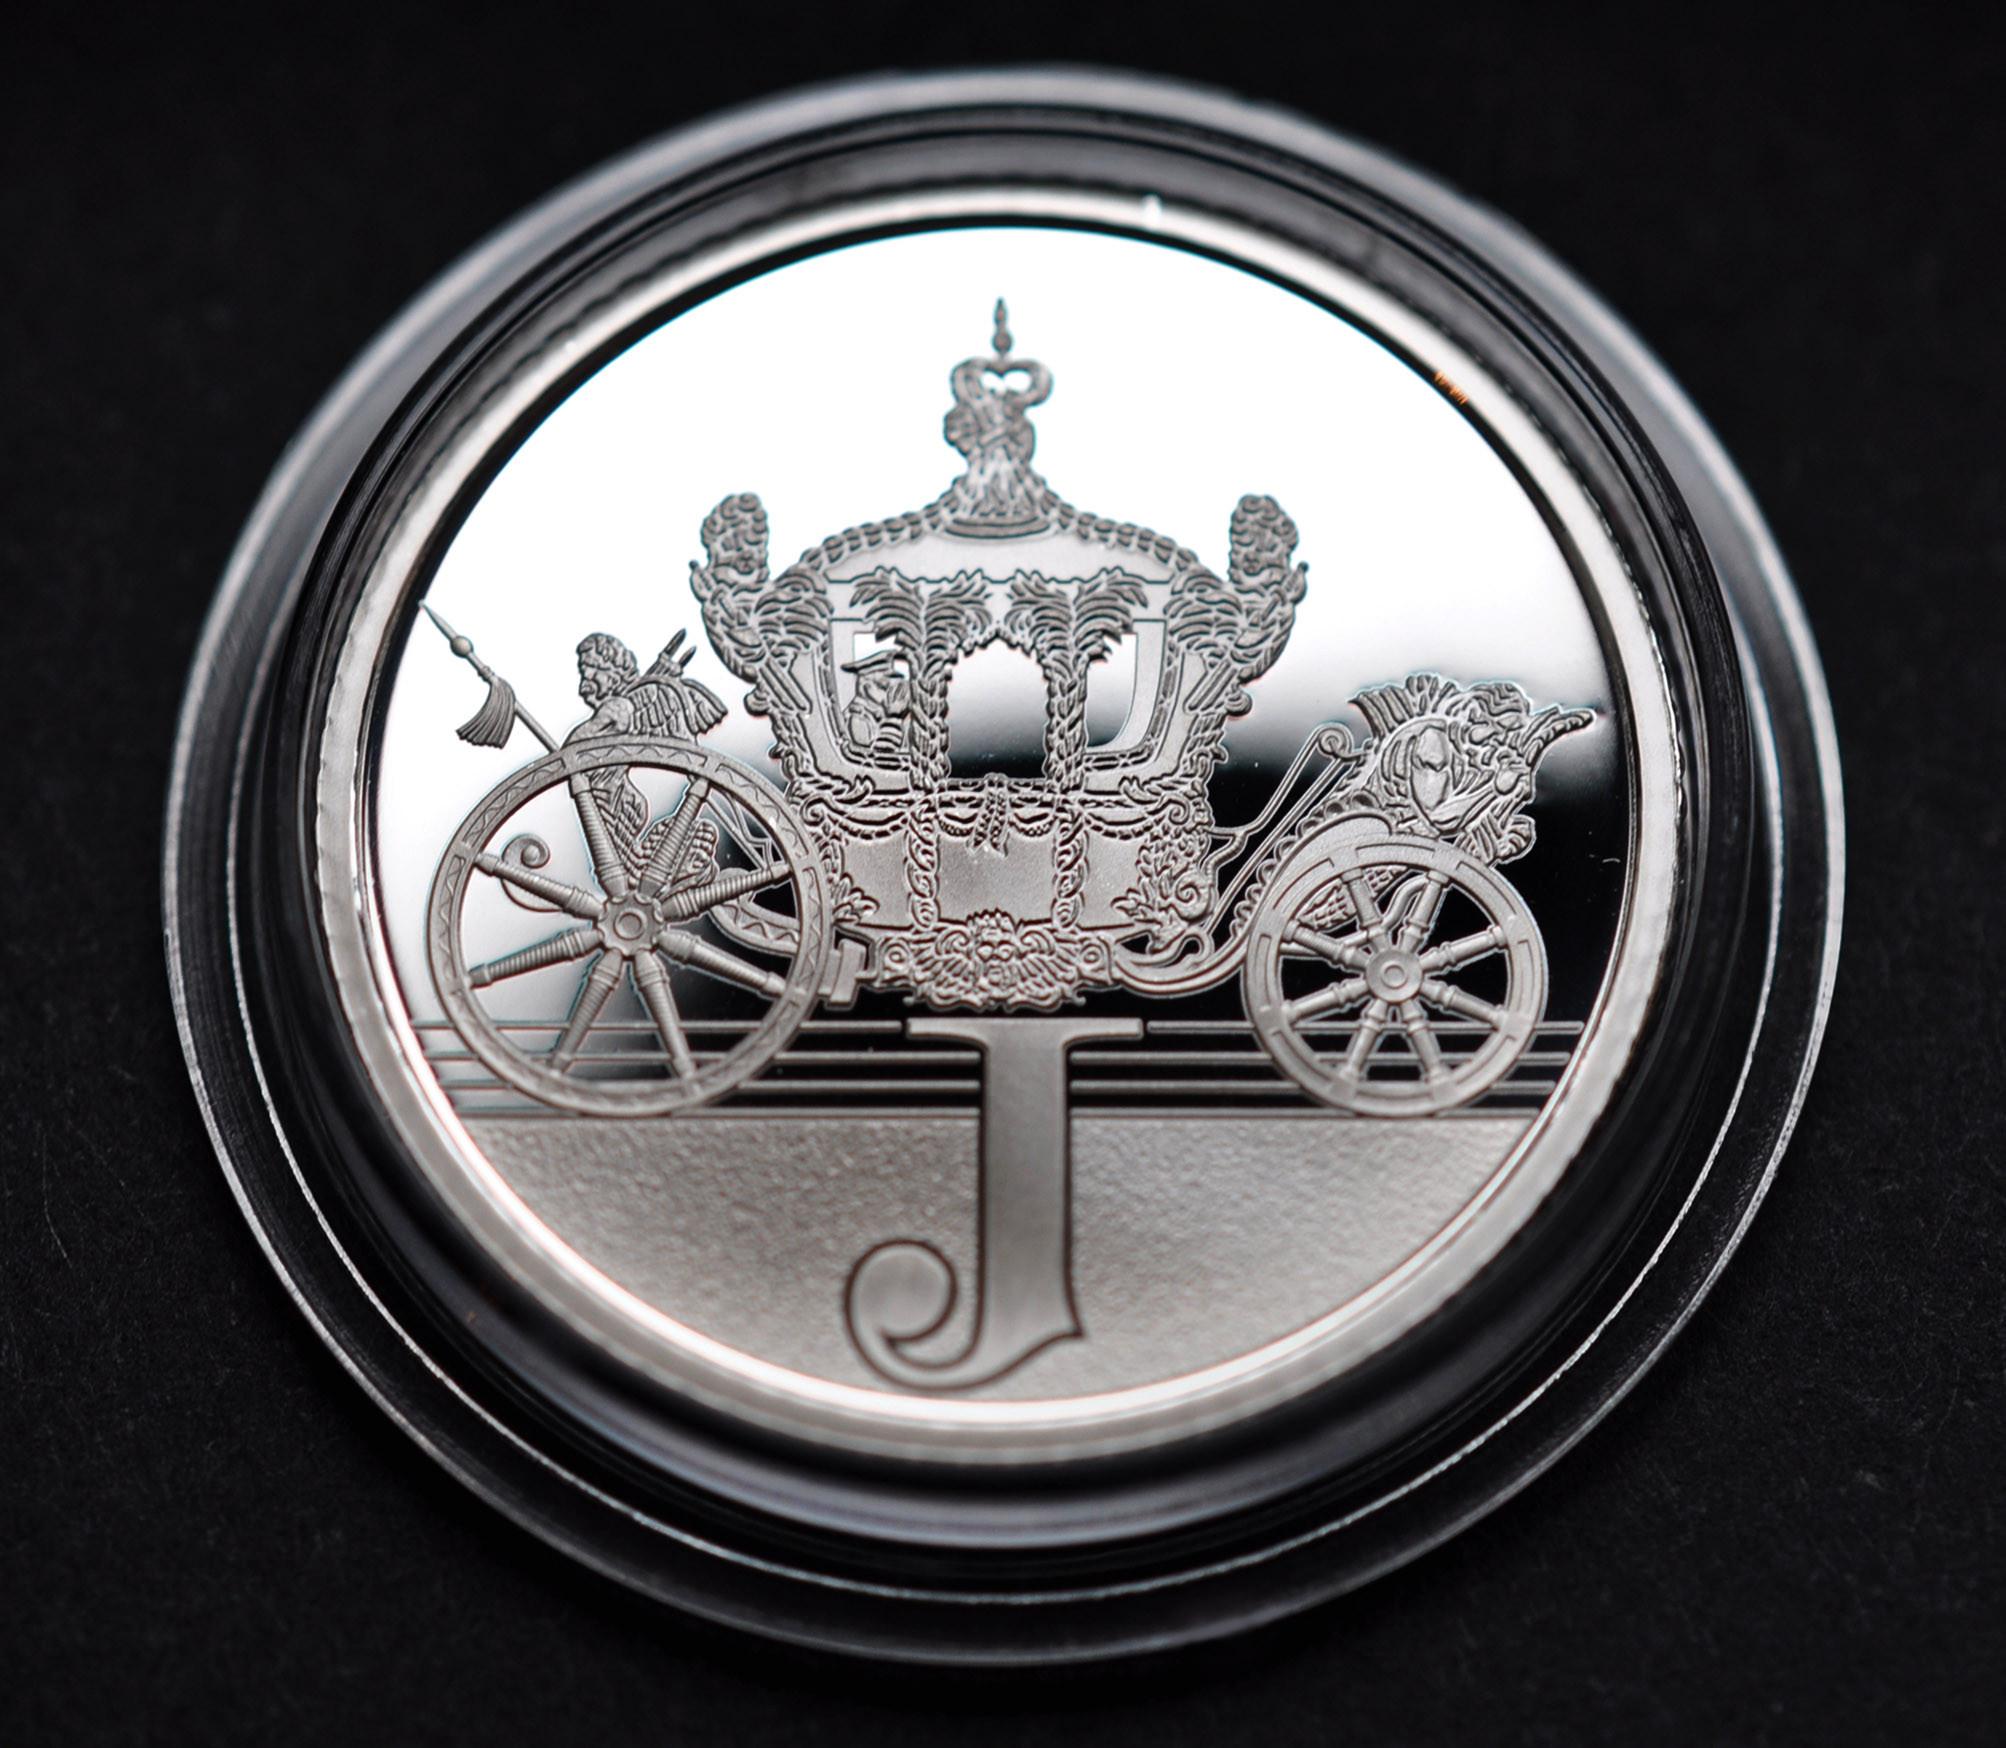 Silver proof J